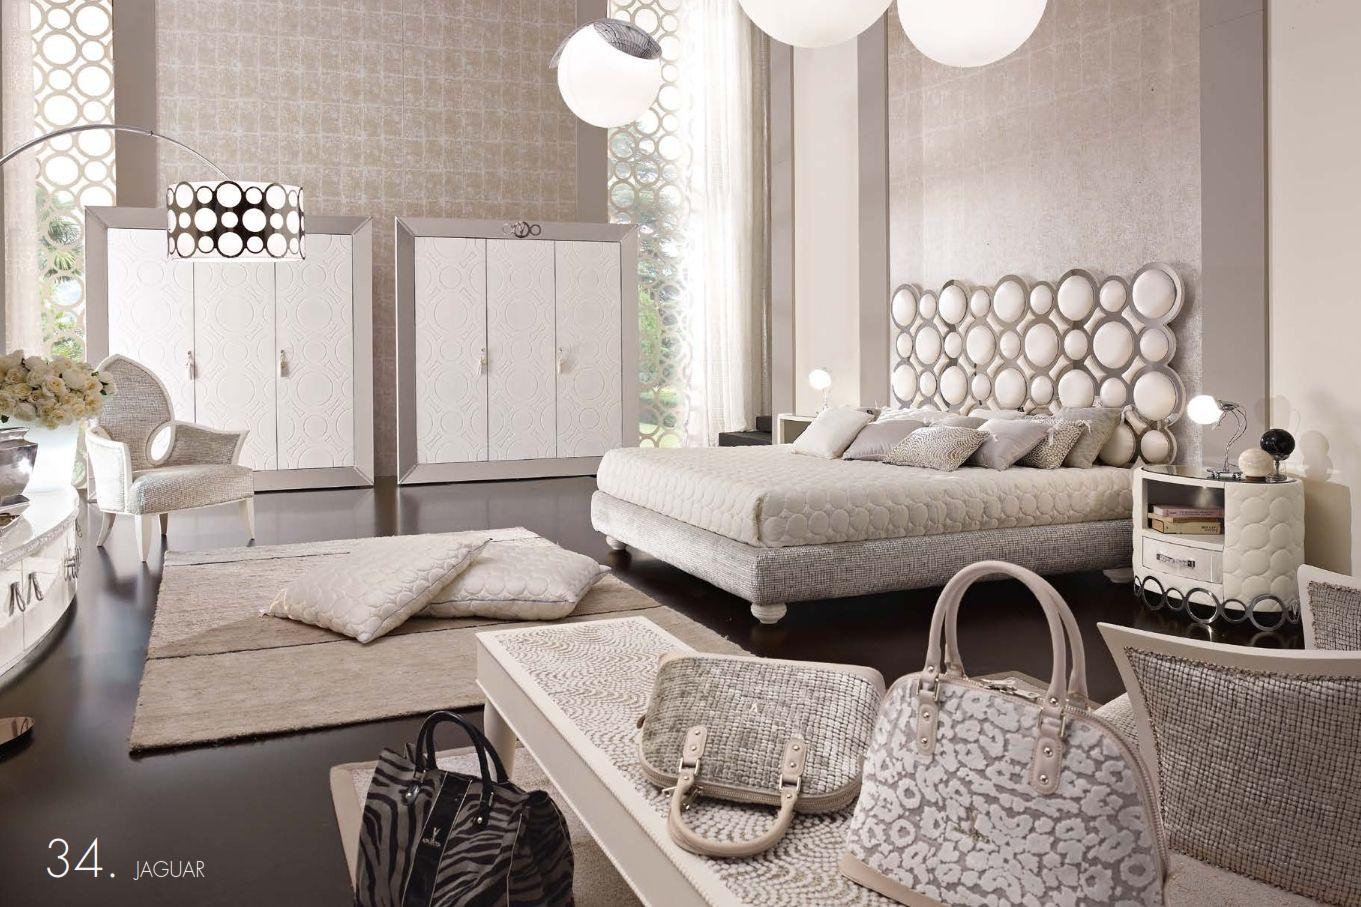 Alta Möbel luxus möbel luxus schlafzimmer alta moda serie weiße jaguardie